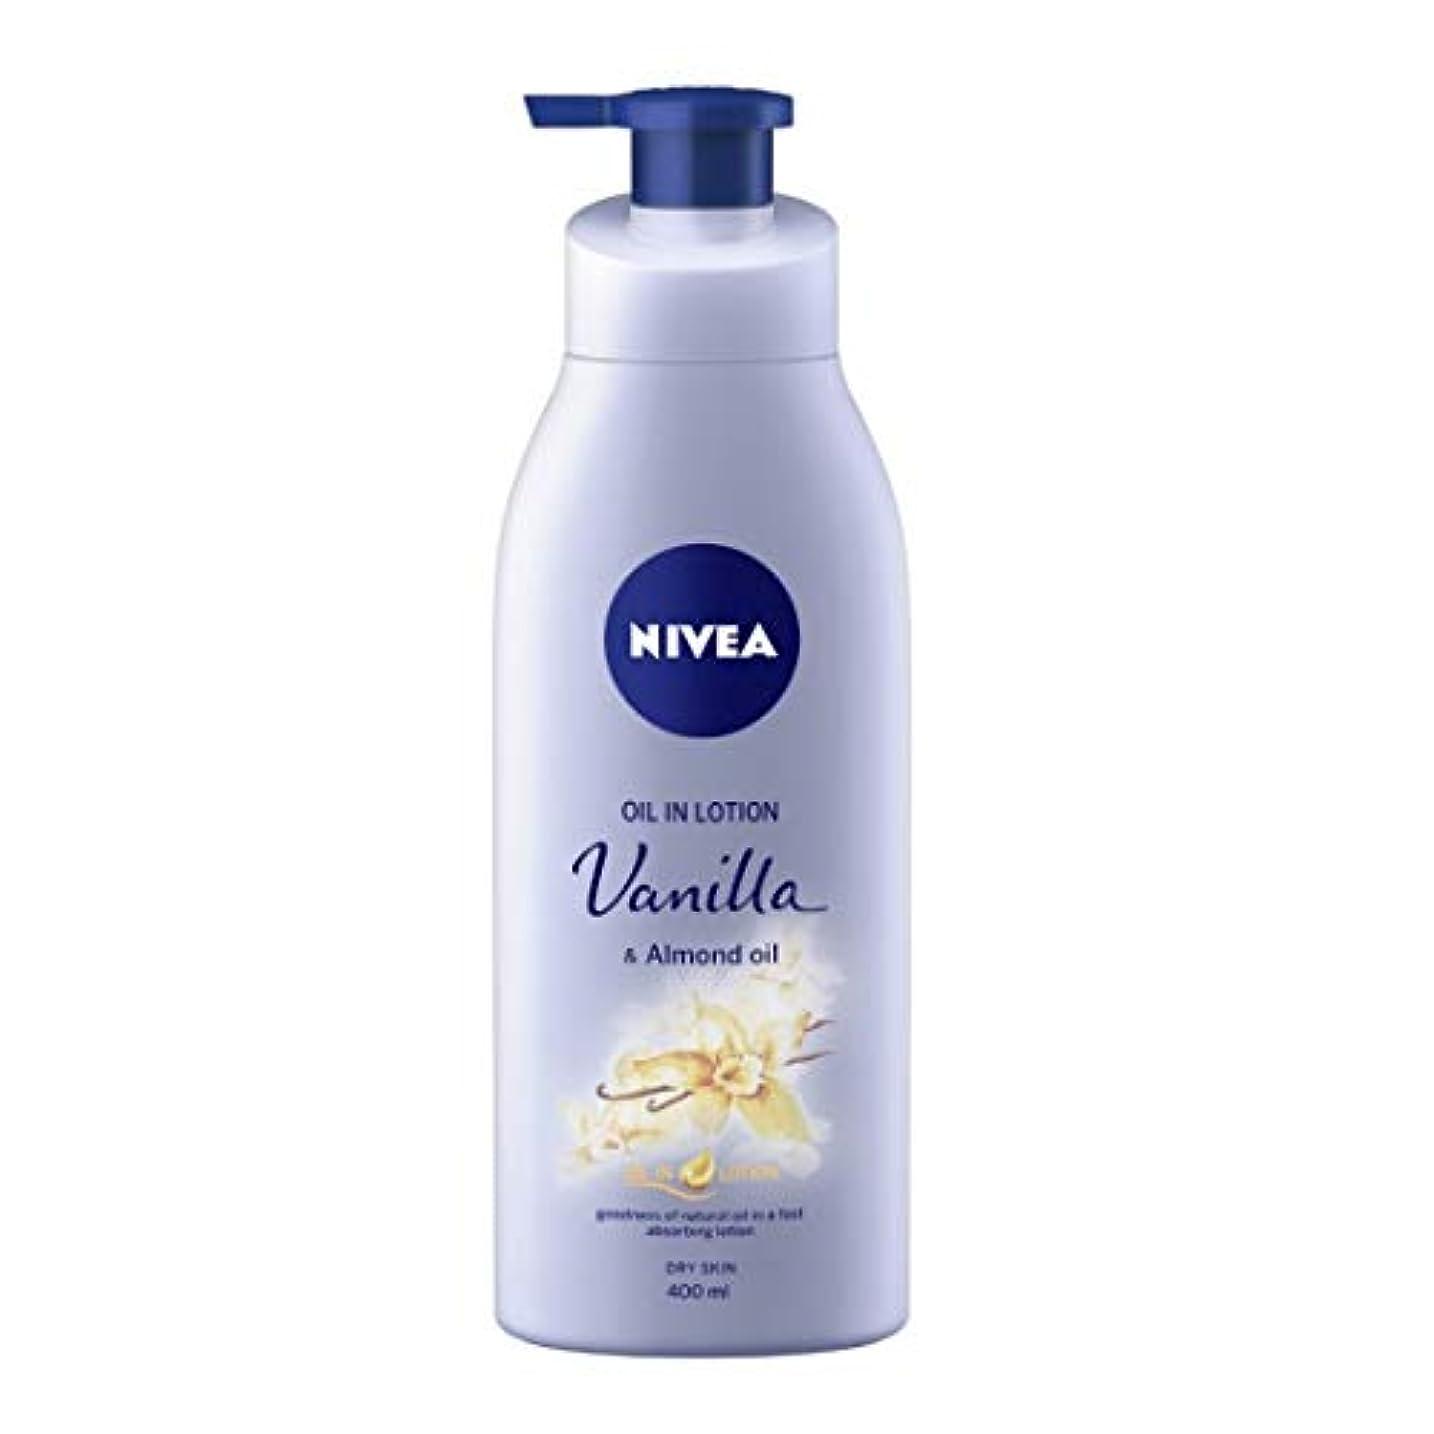 憤る韻グリルNIVEA Oil in Lotion, Vanilla and Almond Oil, 400ml